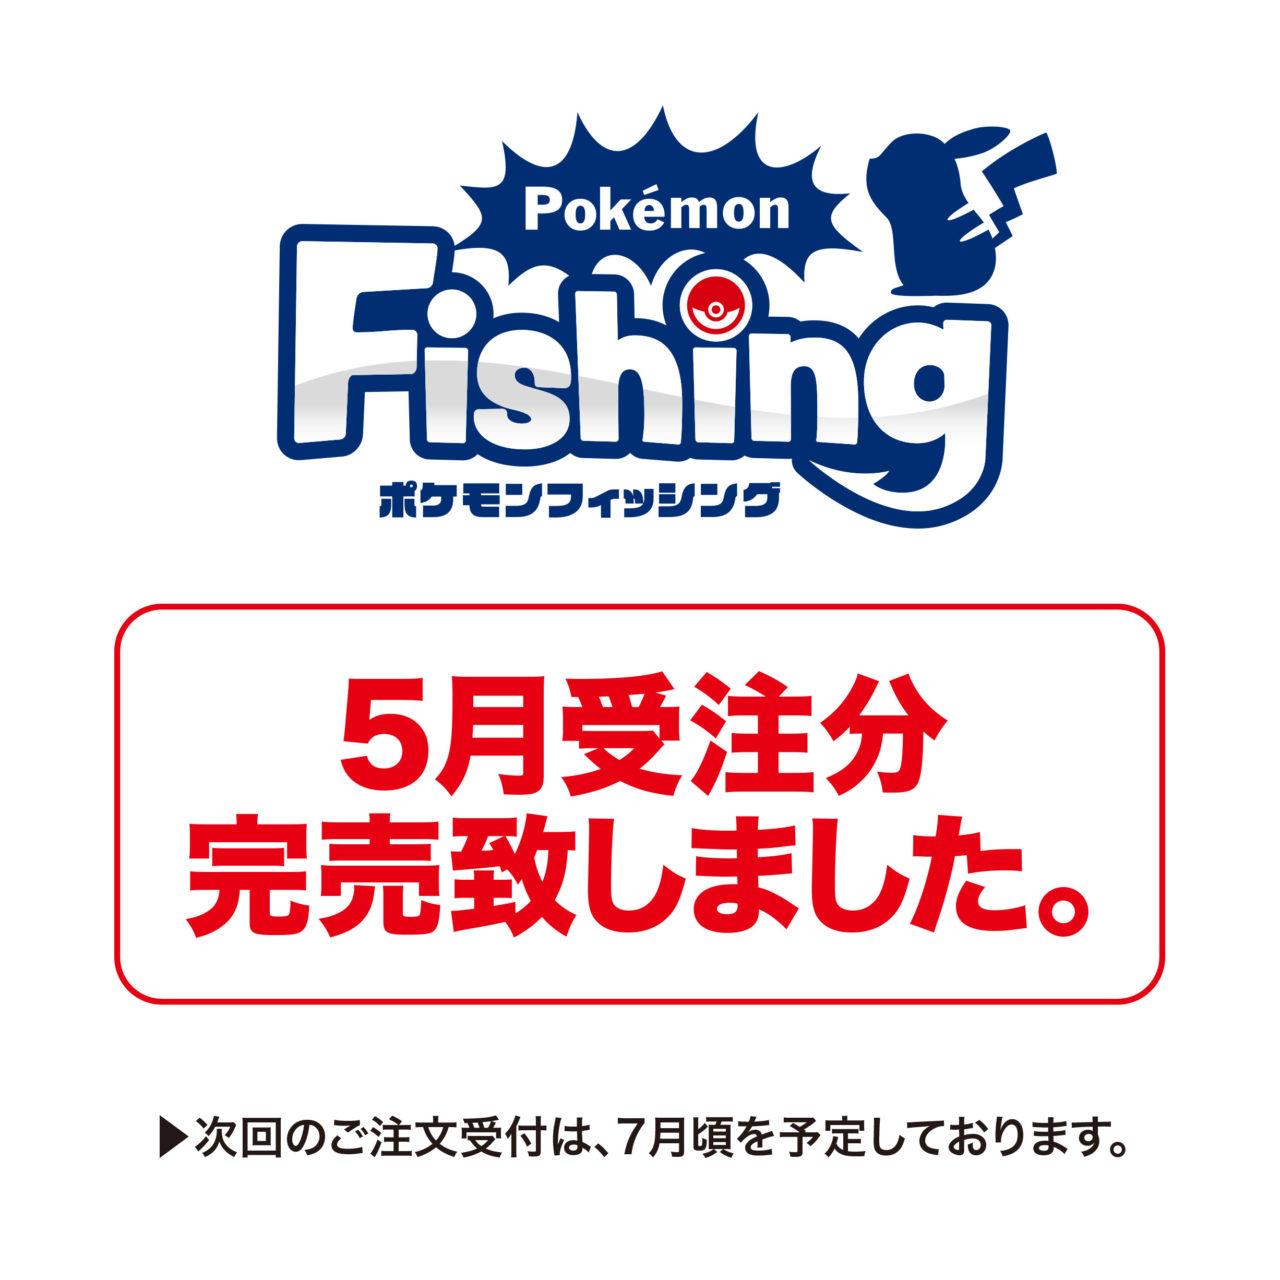 【ポケモンフィッシング】 ルアー5月受注分完売のお知らせ